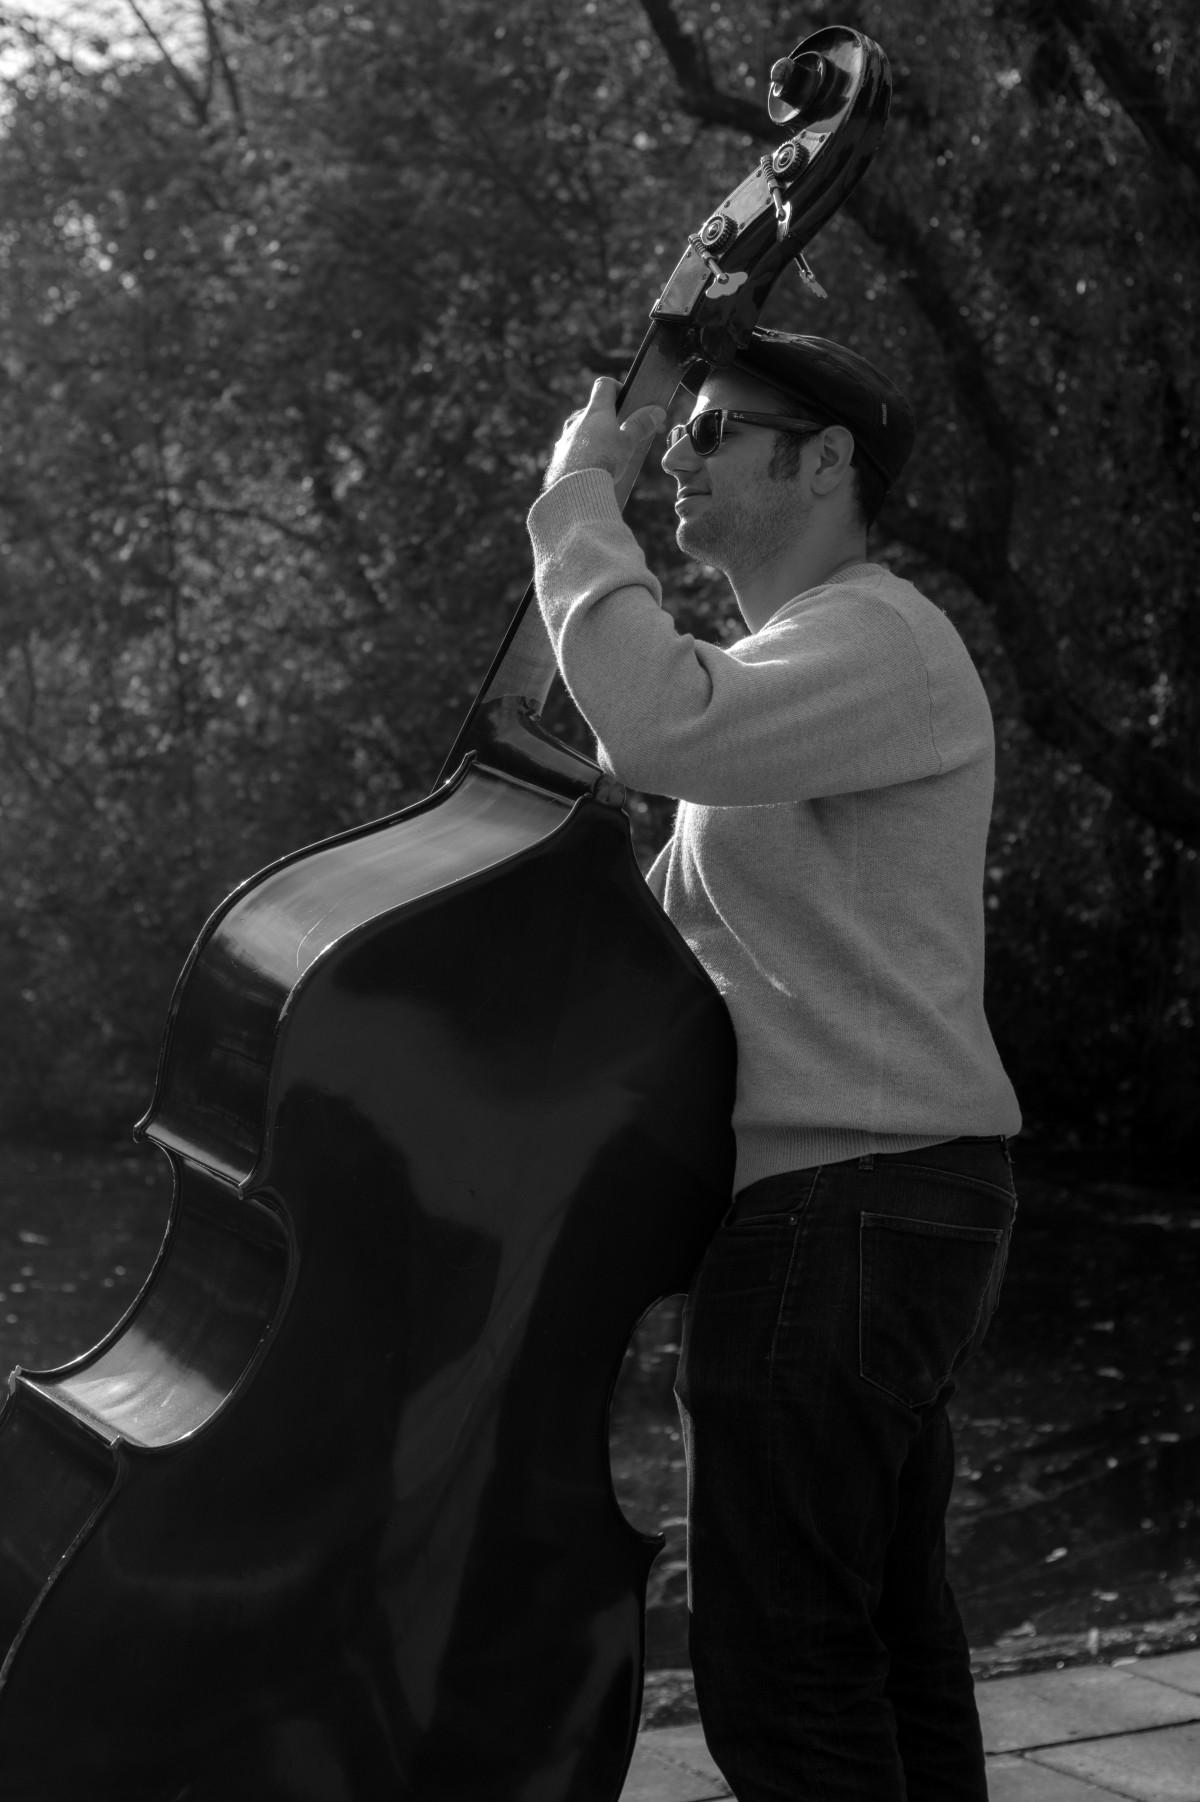 おとこ 人 音楽 黒と白 白 写真 ギター ミュージシャン 黒 モノクロ 楽器 写真 ギタリスト 写真撮影 音楽プレーヤー ダブルベース 直立低音 モノクロ写真 弦楽器 フィルム・ノワール コントラバス